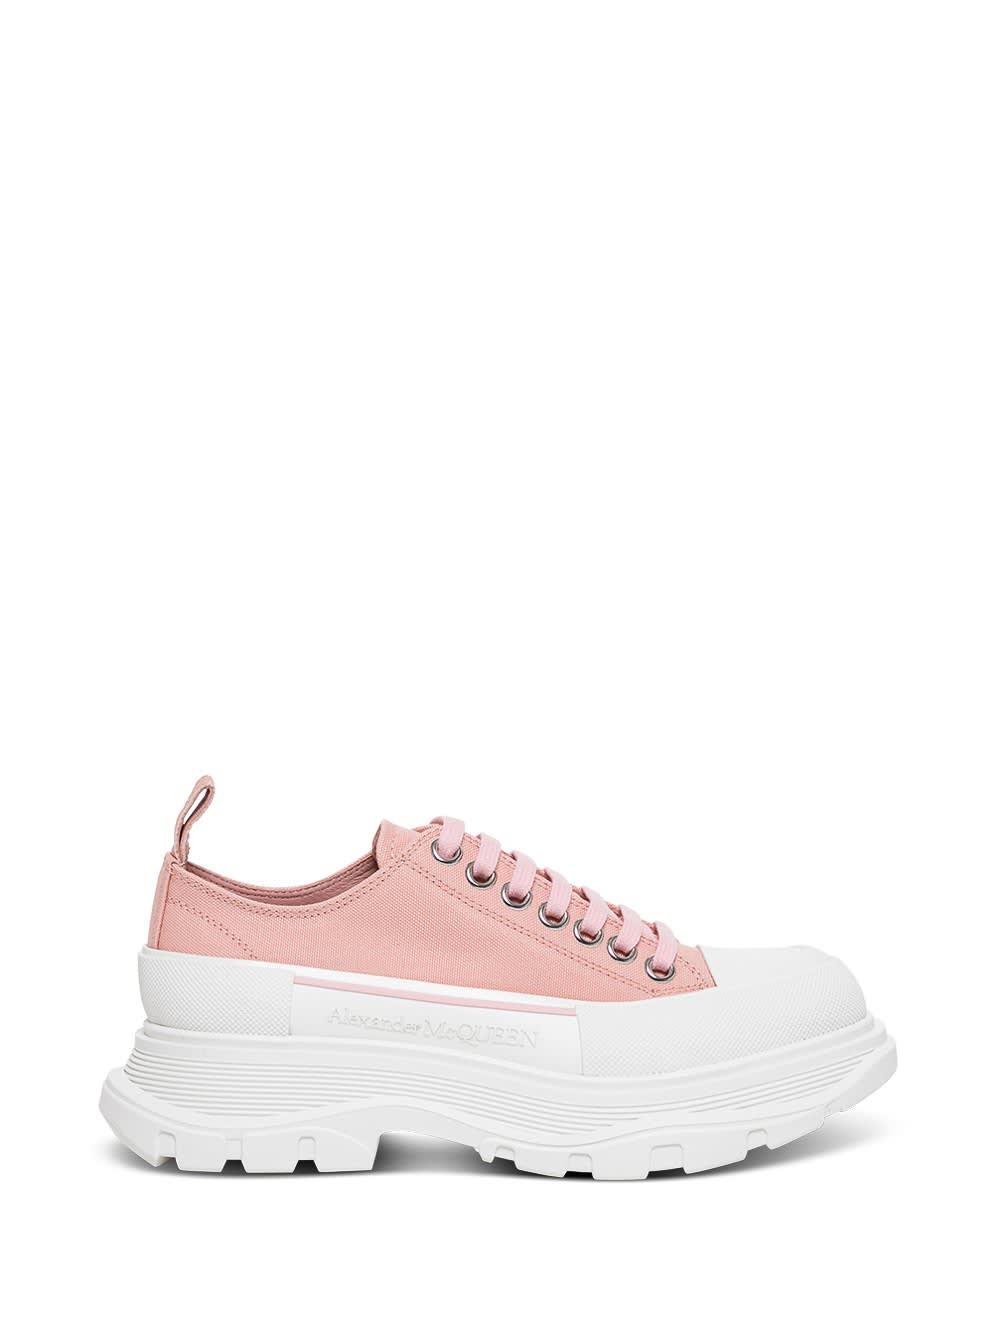 Alexander McQueen Tread Slick Sneakers In Pink Canvas